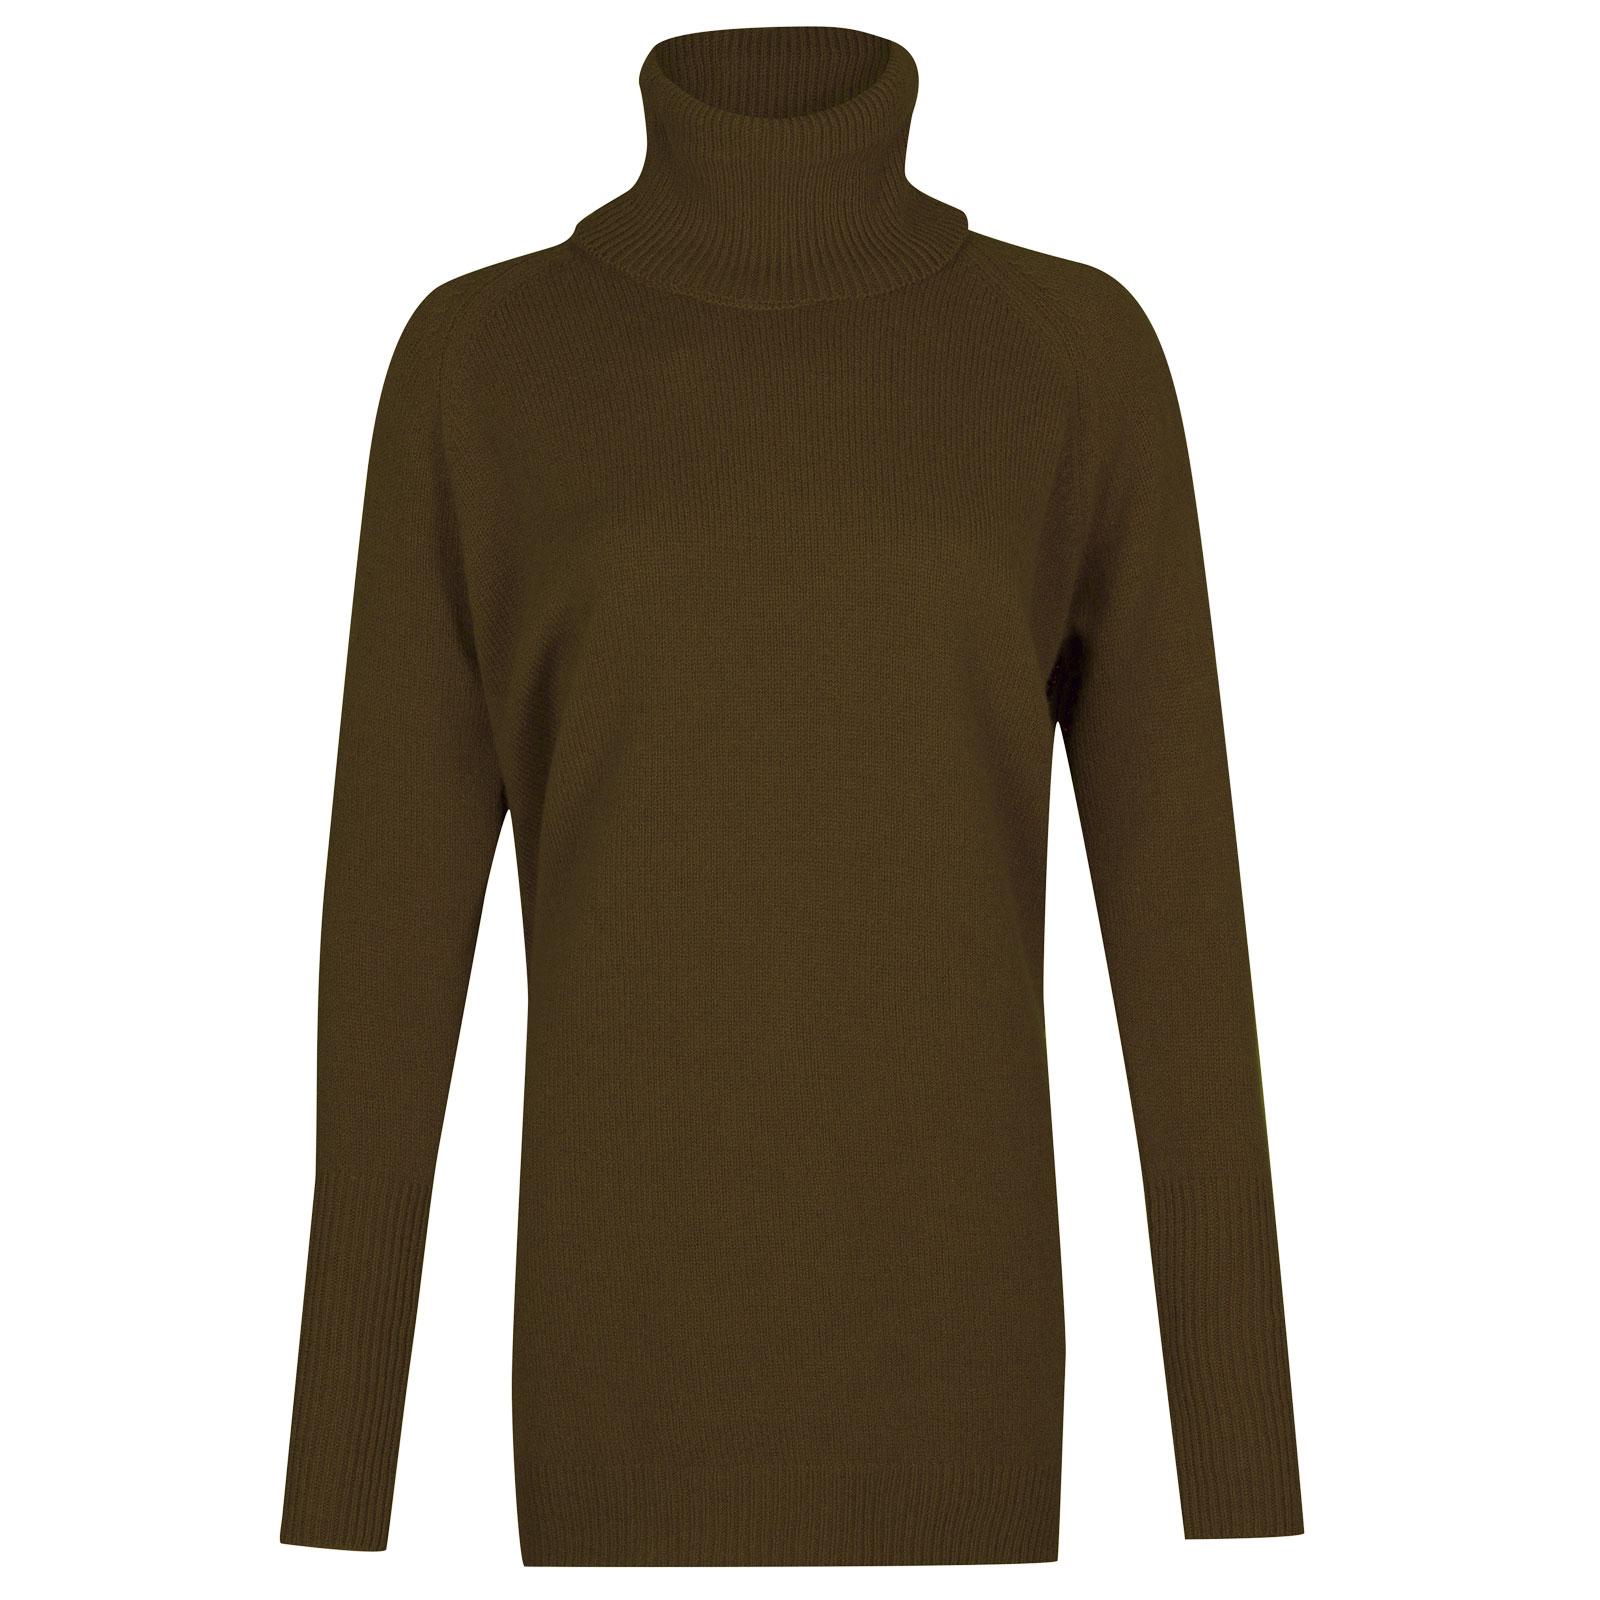 John Smedley beale Merino Wool & Cashmere Sweater in Kielder Green-M